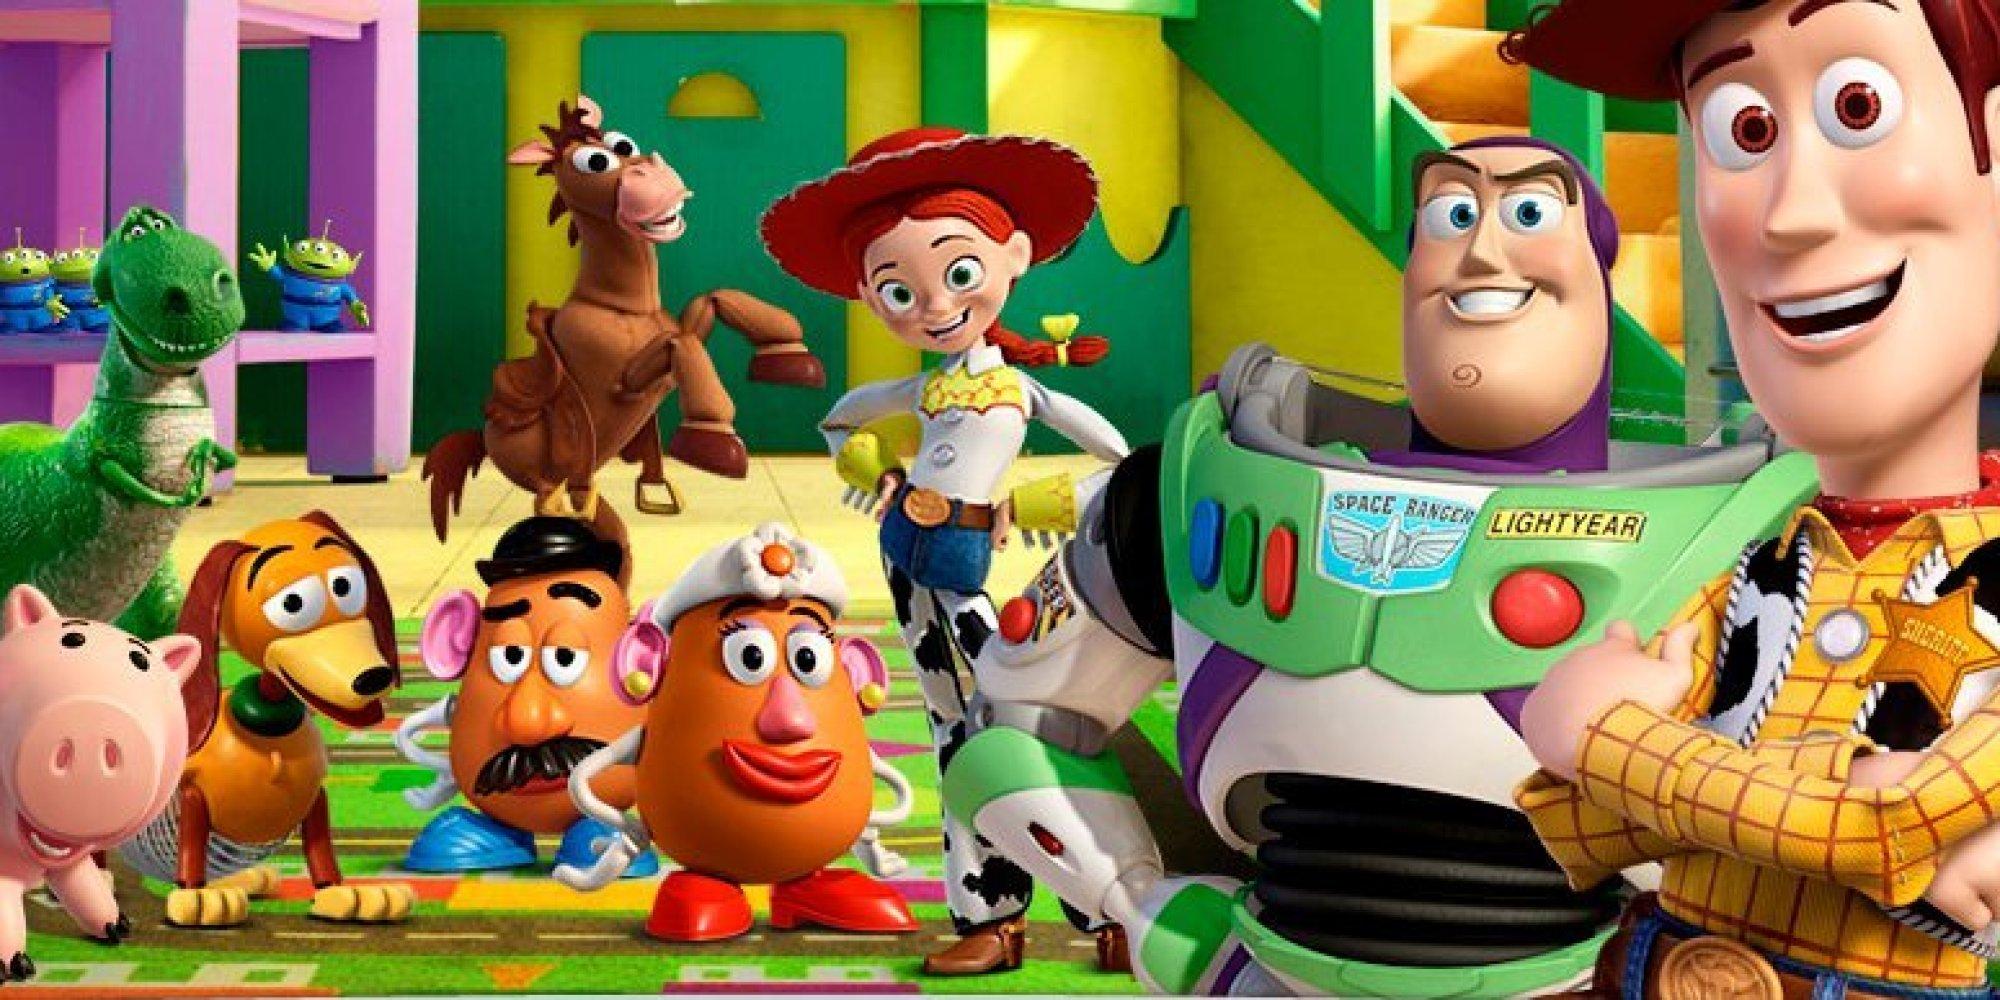 Wallpaper App For Iphone X Toy Story 4 La Nueva Pel 237 Cula De Pixar Se Estrenar 225 En